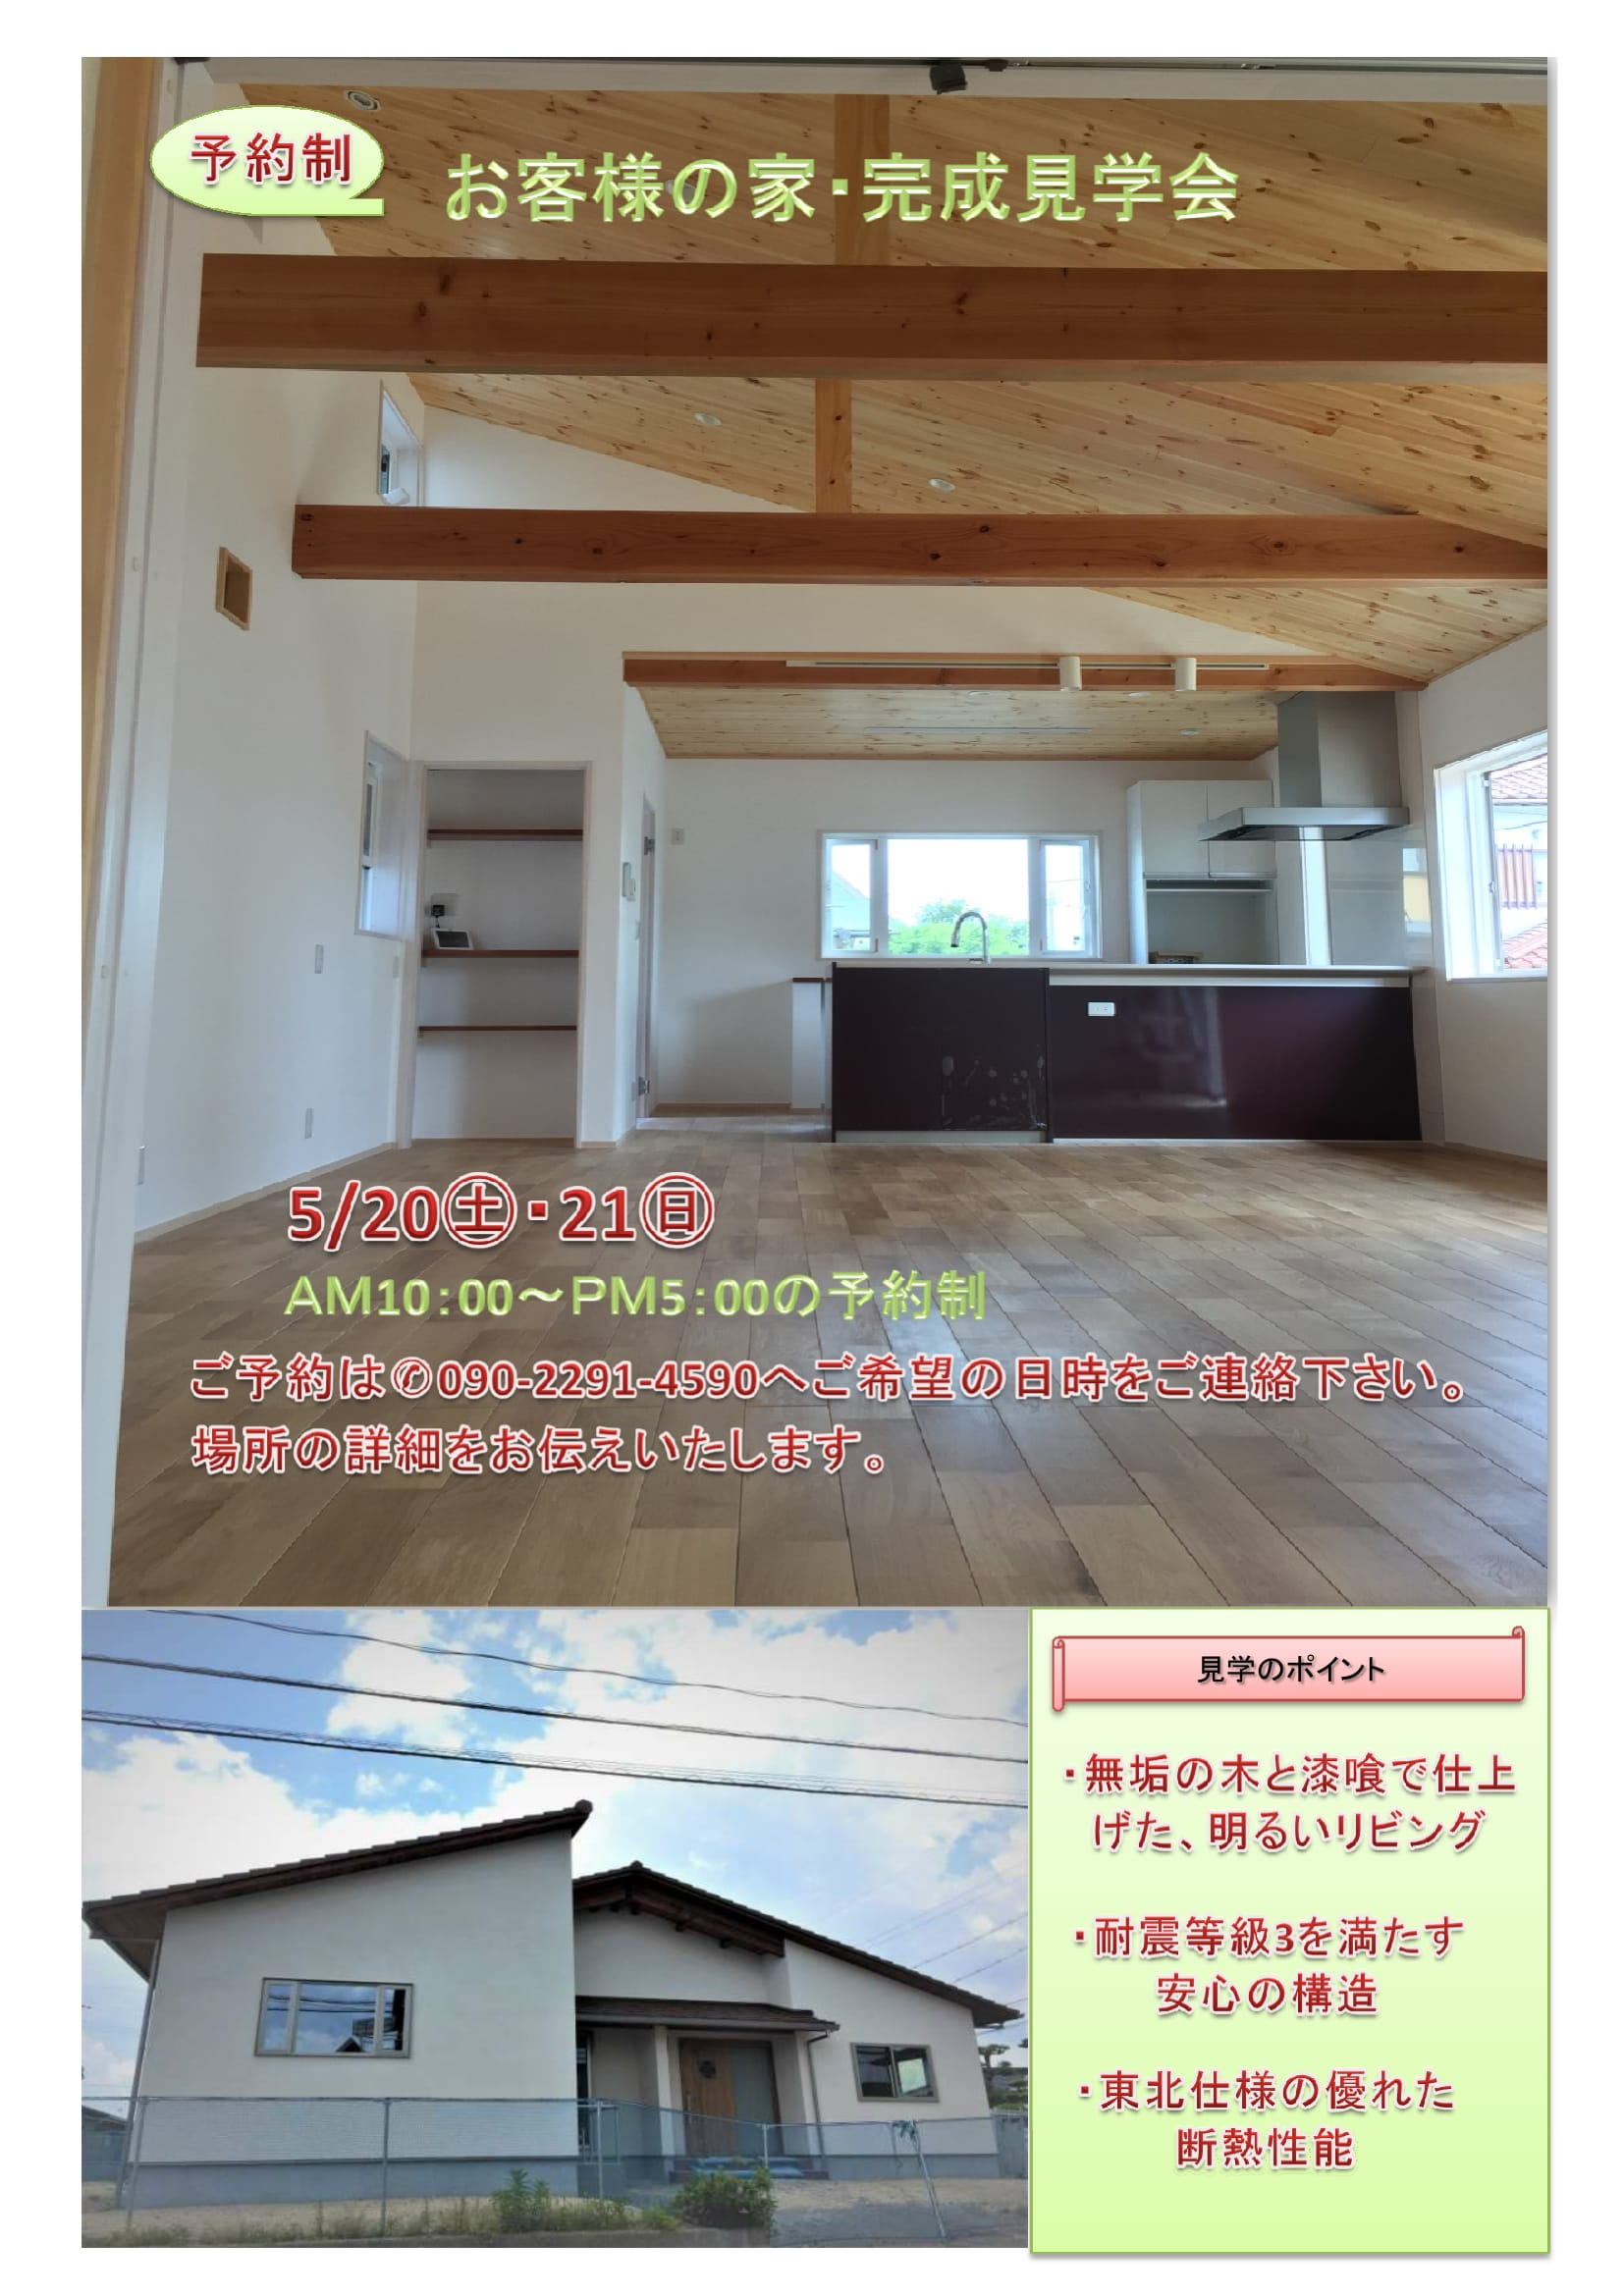 03 - 坂井工務店 | 山口県山口市佐山 | 木造住宅、注文住宅の工務店